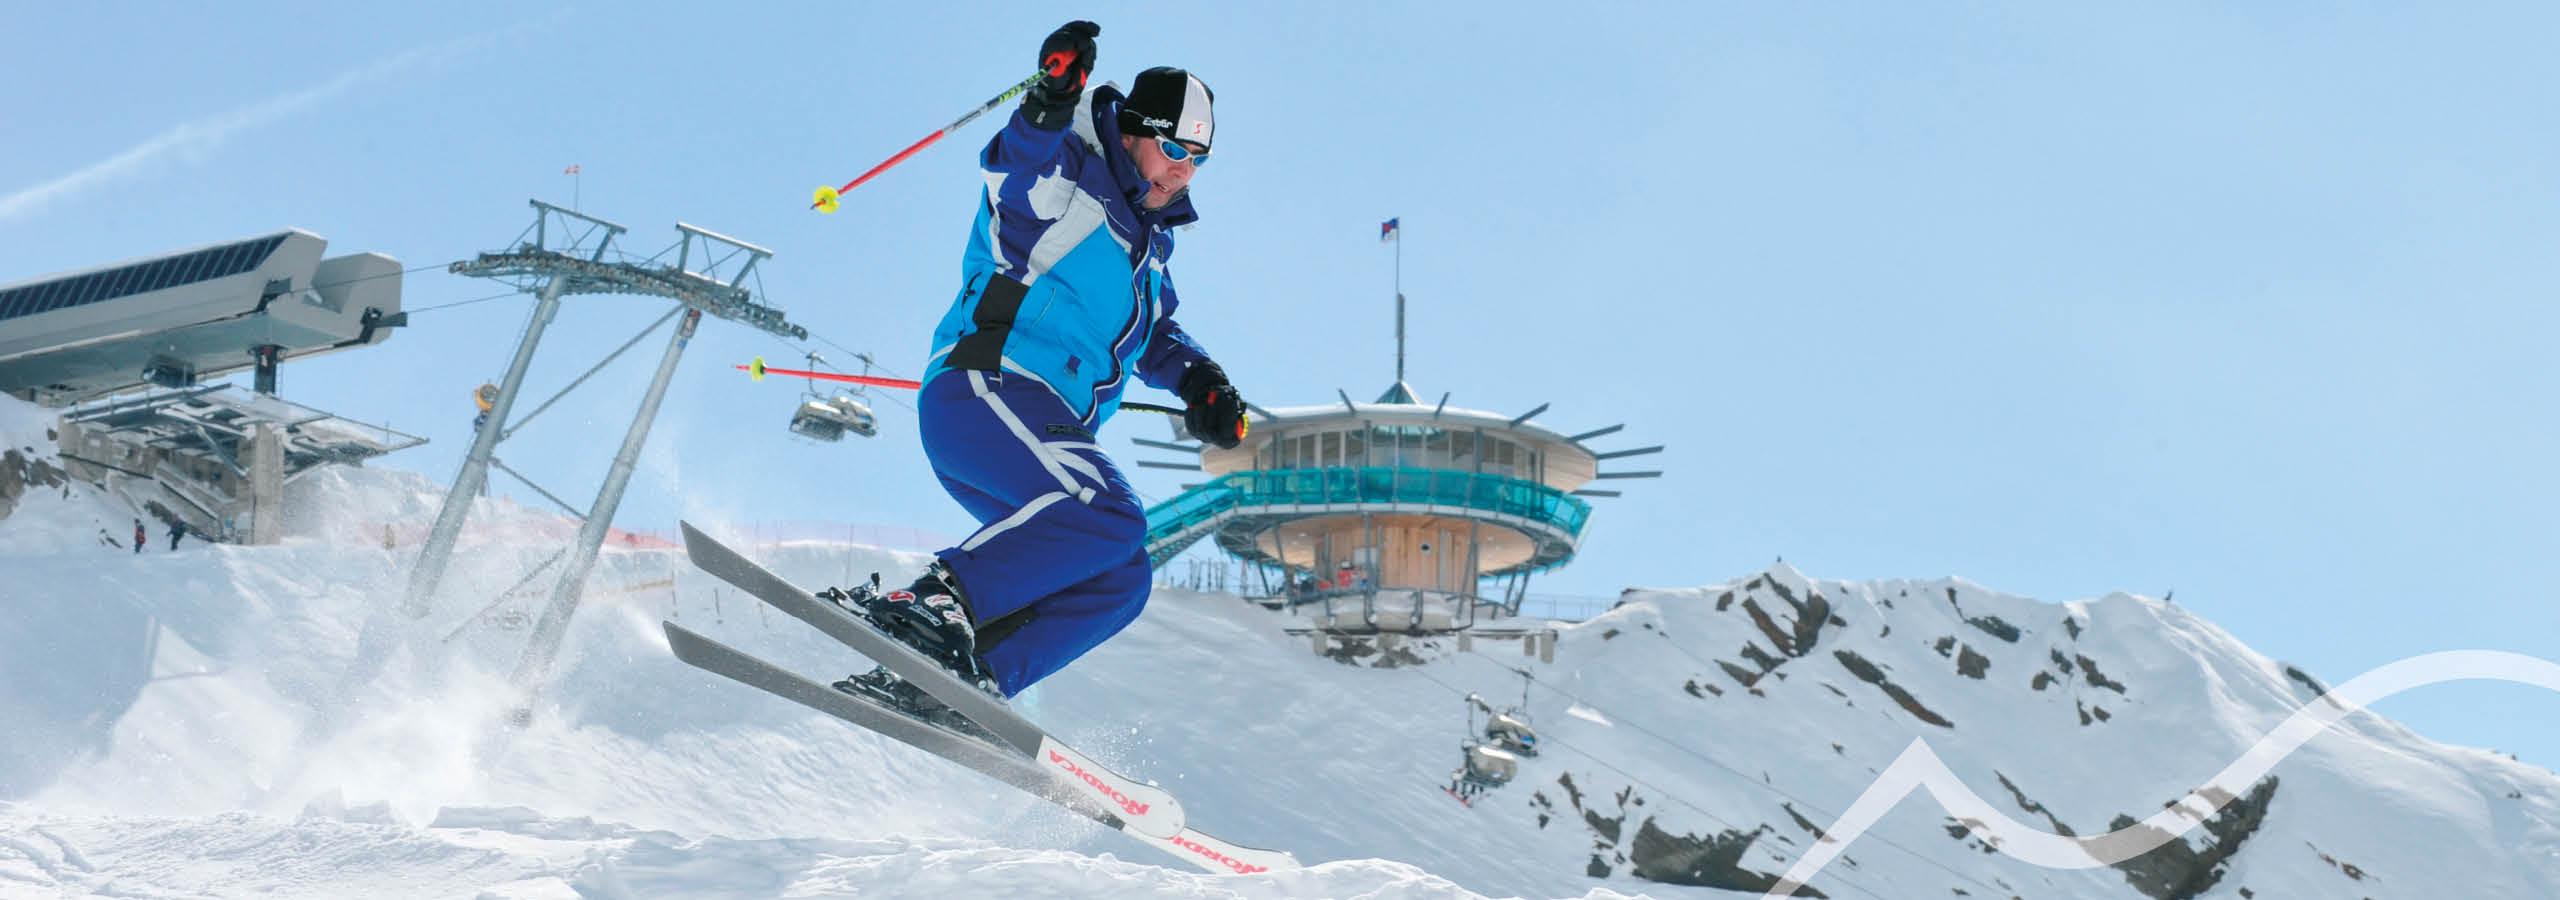 Schischule Hochgurgl Wintersport im Skigebiet Obergurgl-Hochgurgl Sölden Ötztal